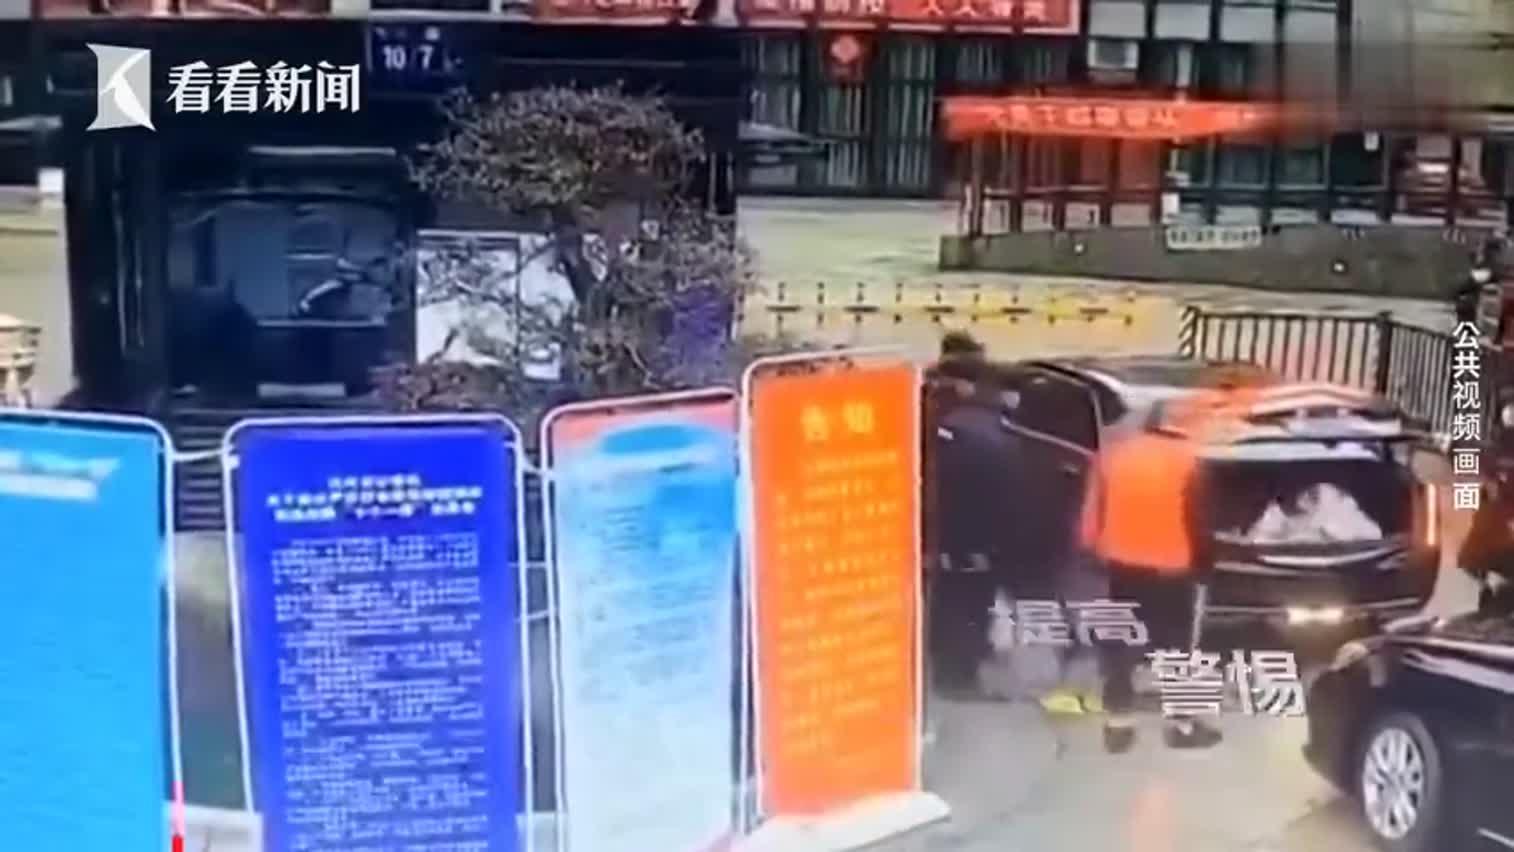 视频|多人返粤复工 小区严查后备箱藏人及偷藏野味